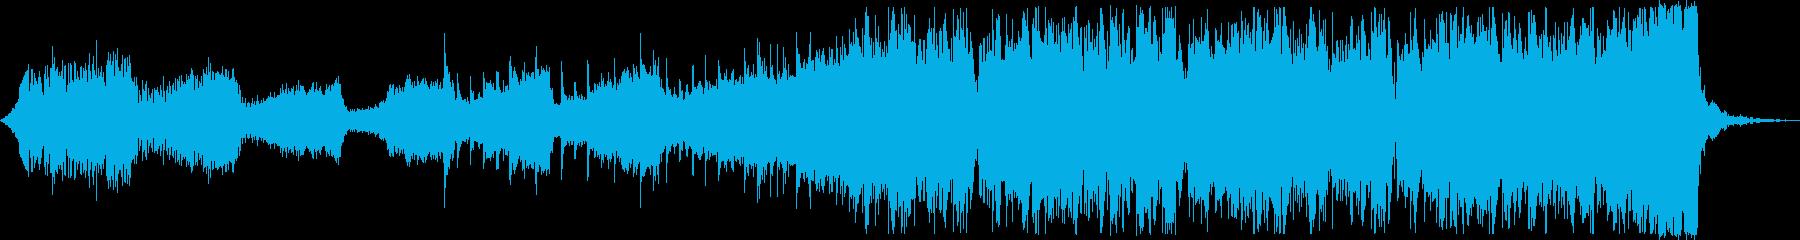 クール軽快SFストリングスEDMハウスcの再生済みの波形